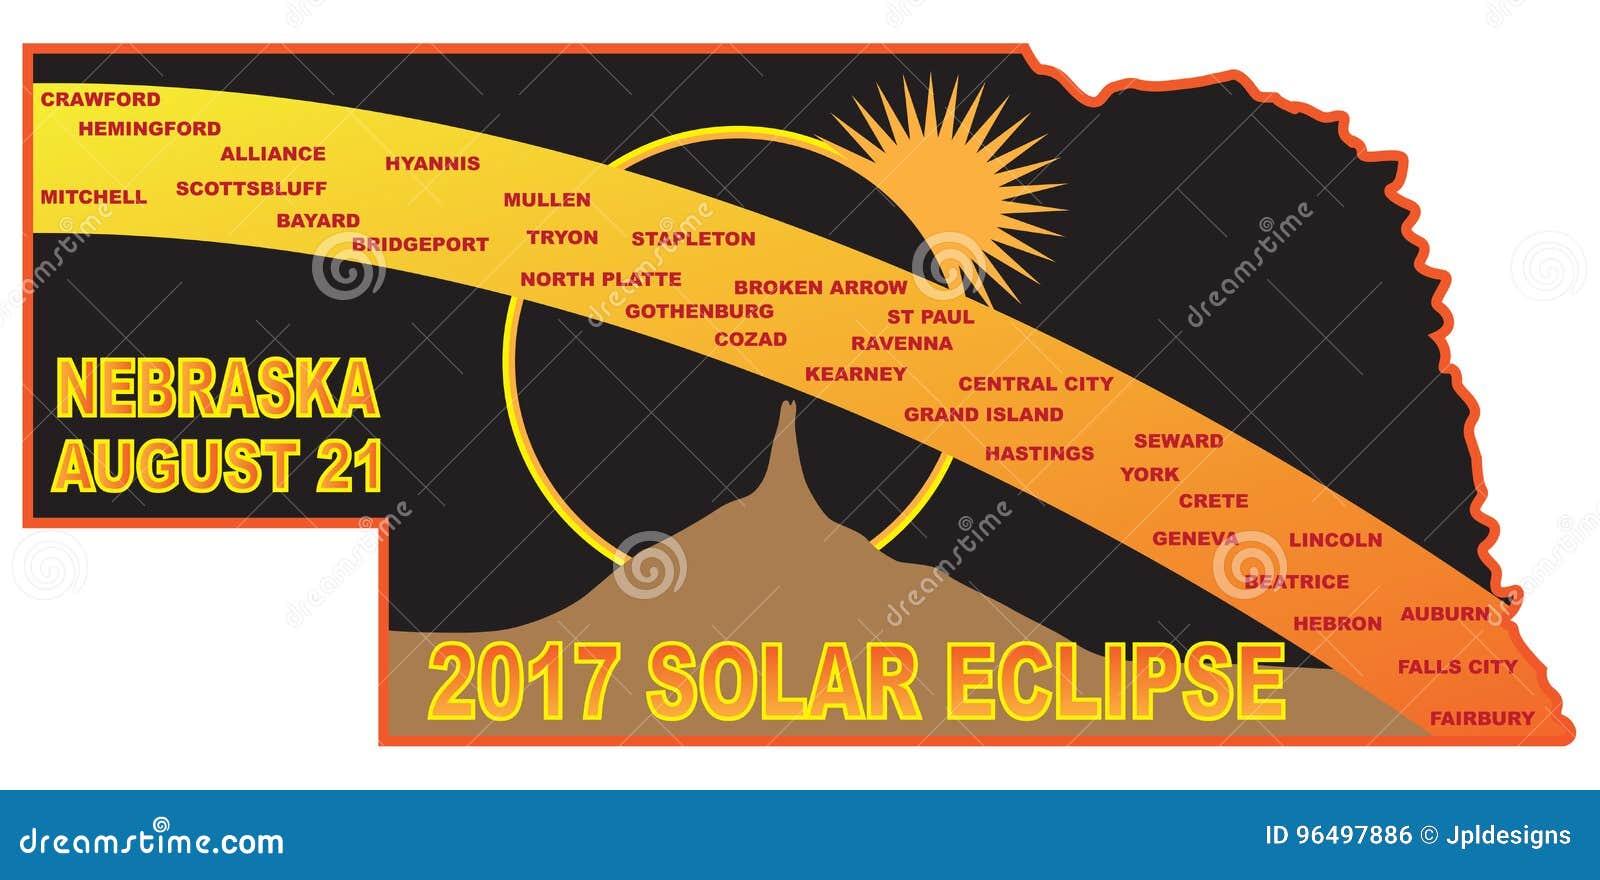 2017 Solar Eclipse Across Nebraska Cities Map Vector Illustration